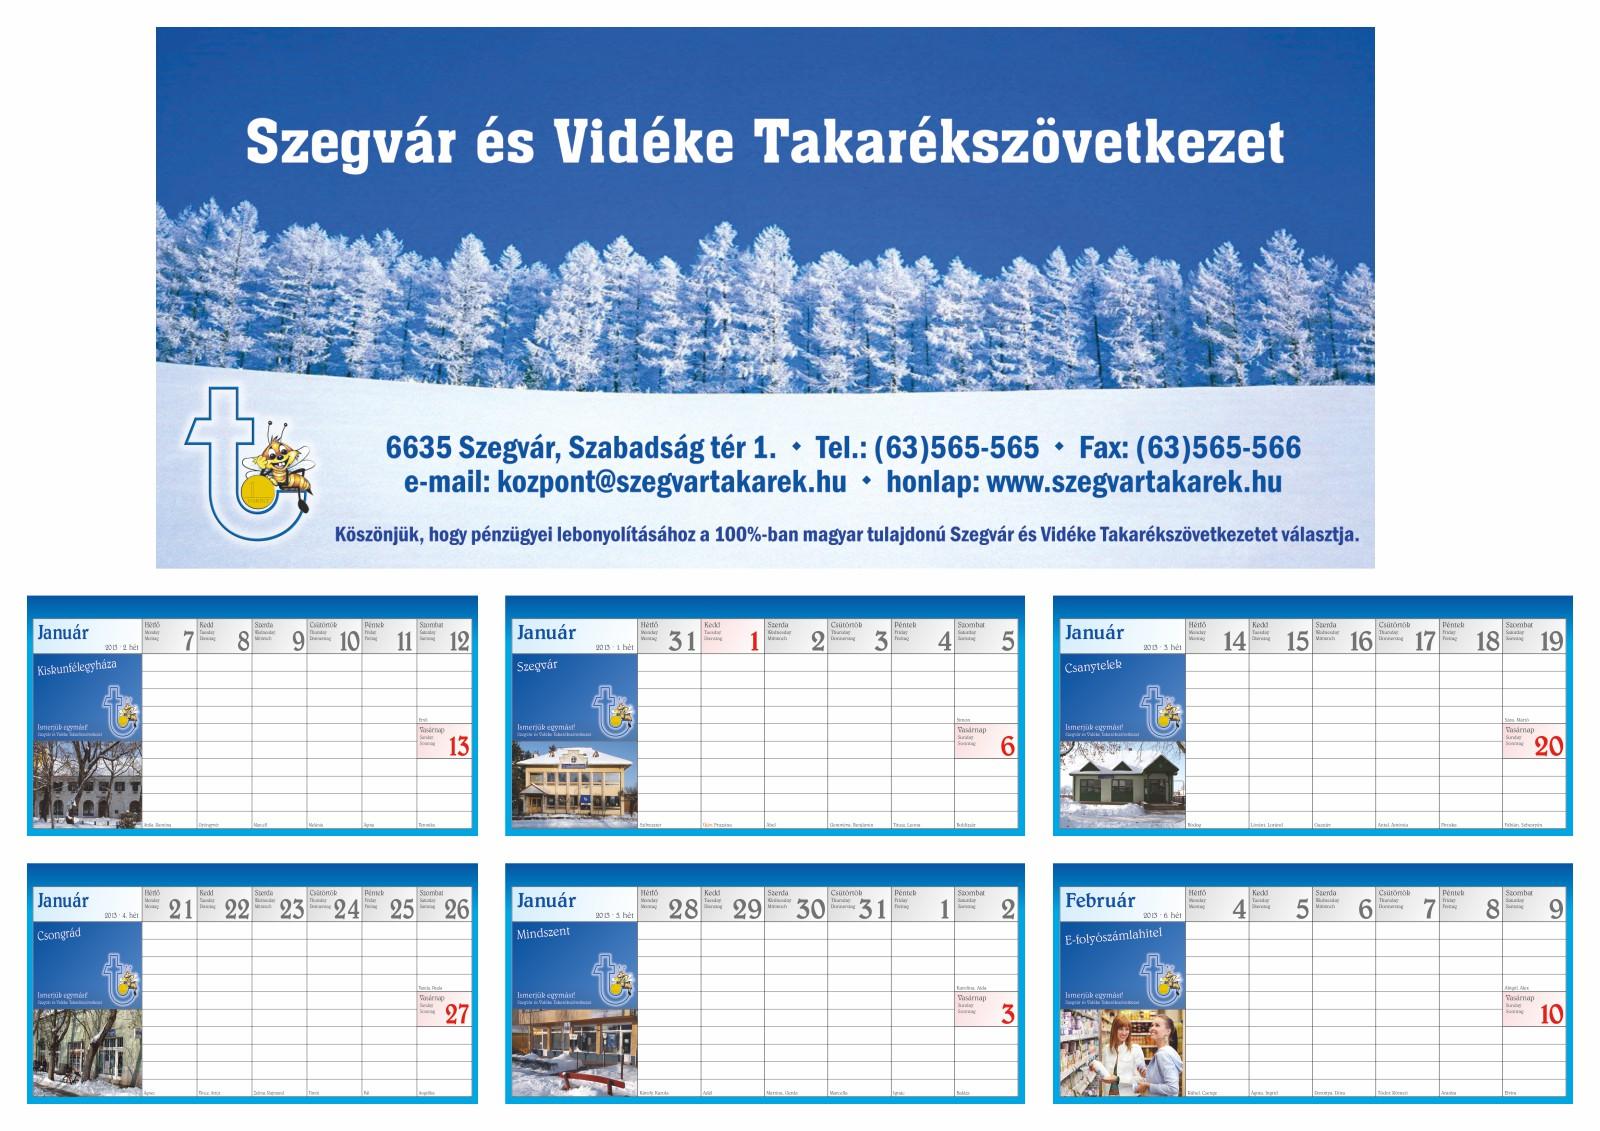 052-SzegvarEsVidekeTakarekszovetkezetAsztaliNaptar2013-2012